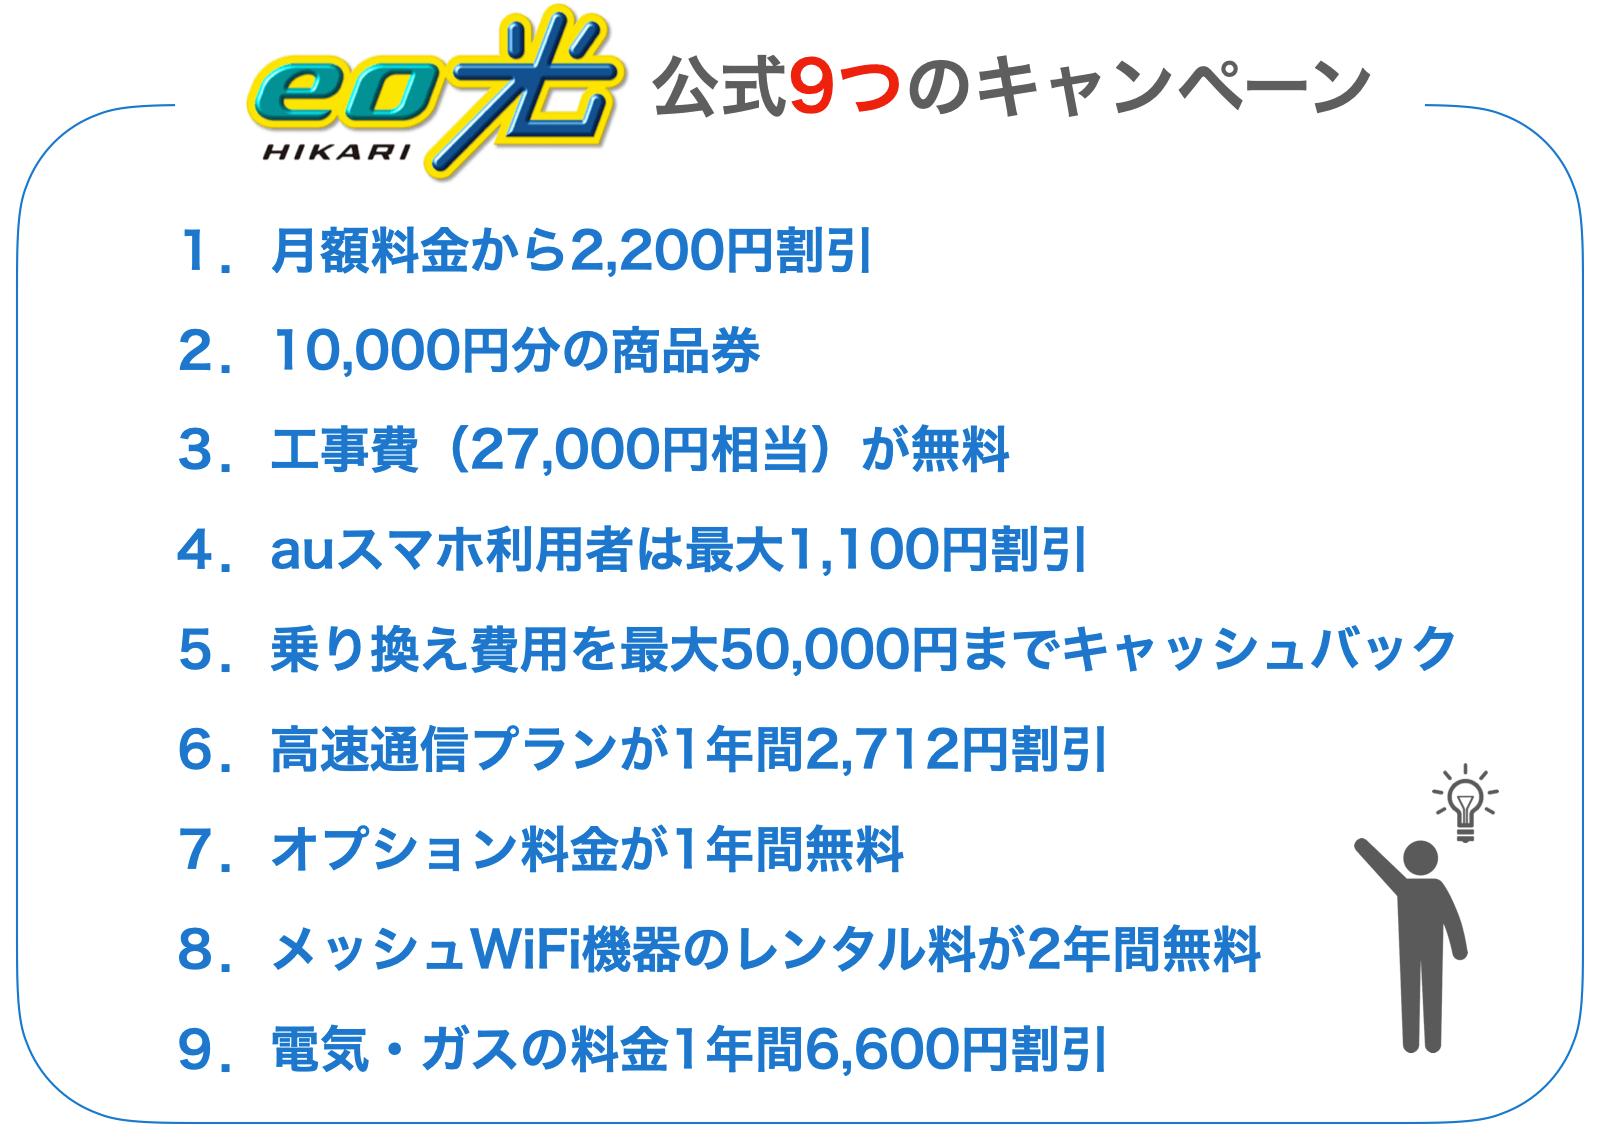 eo光 公式キャンペーン